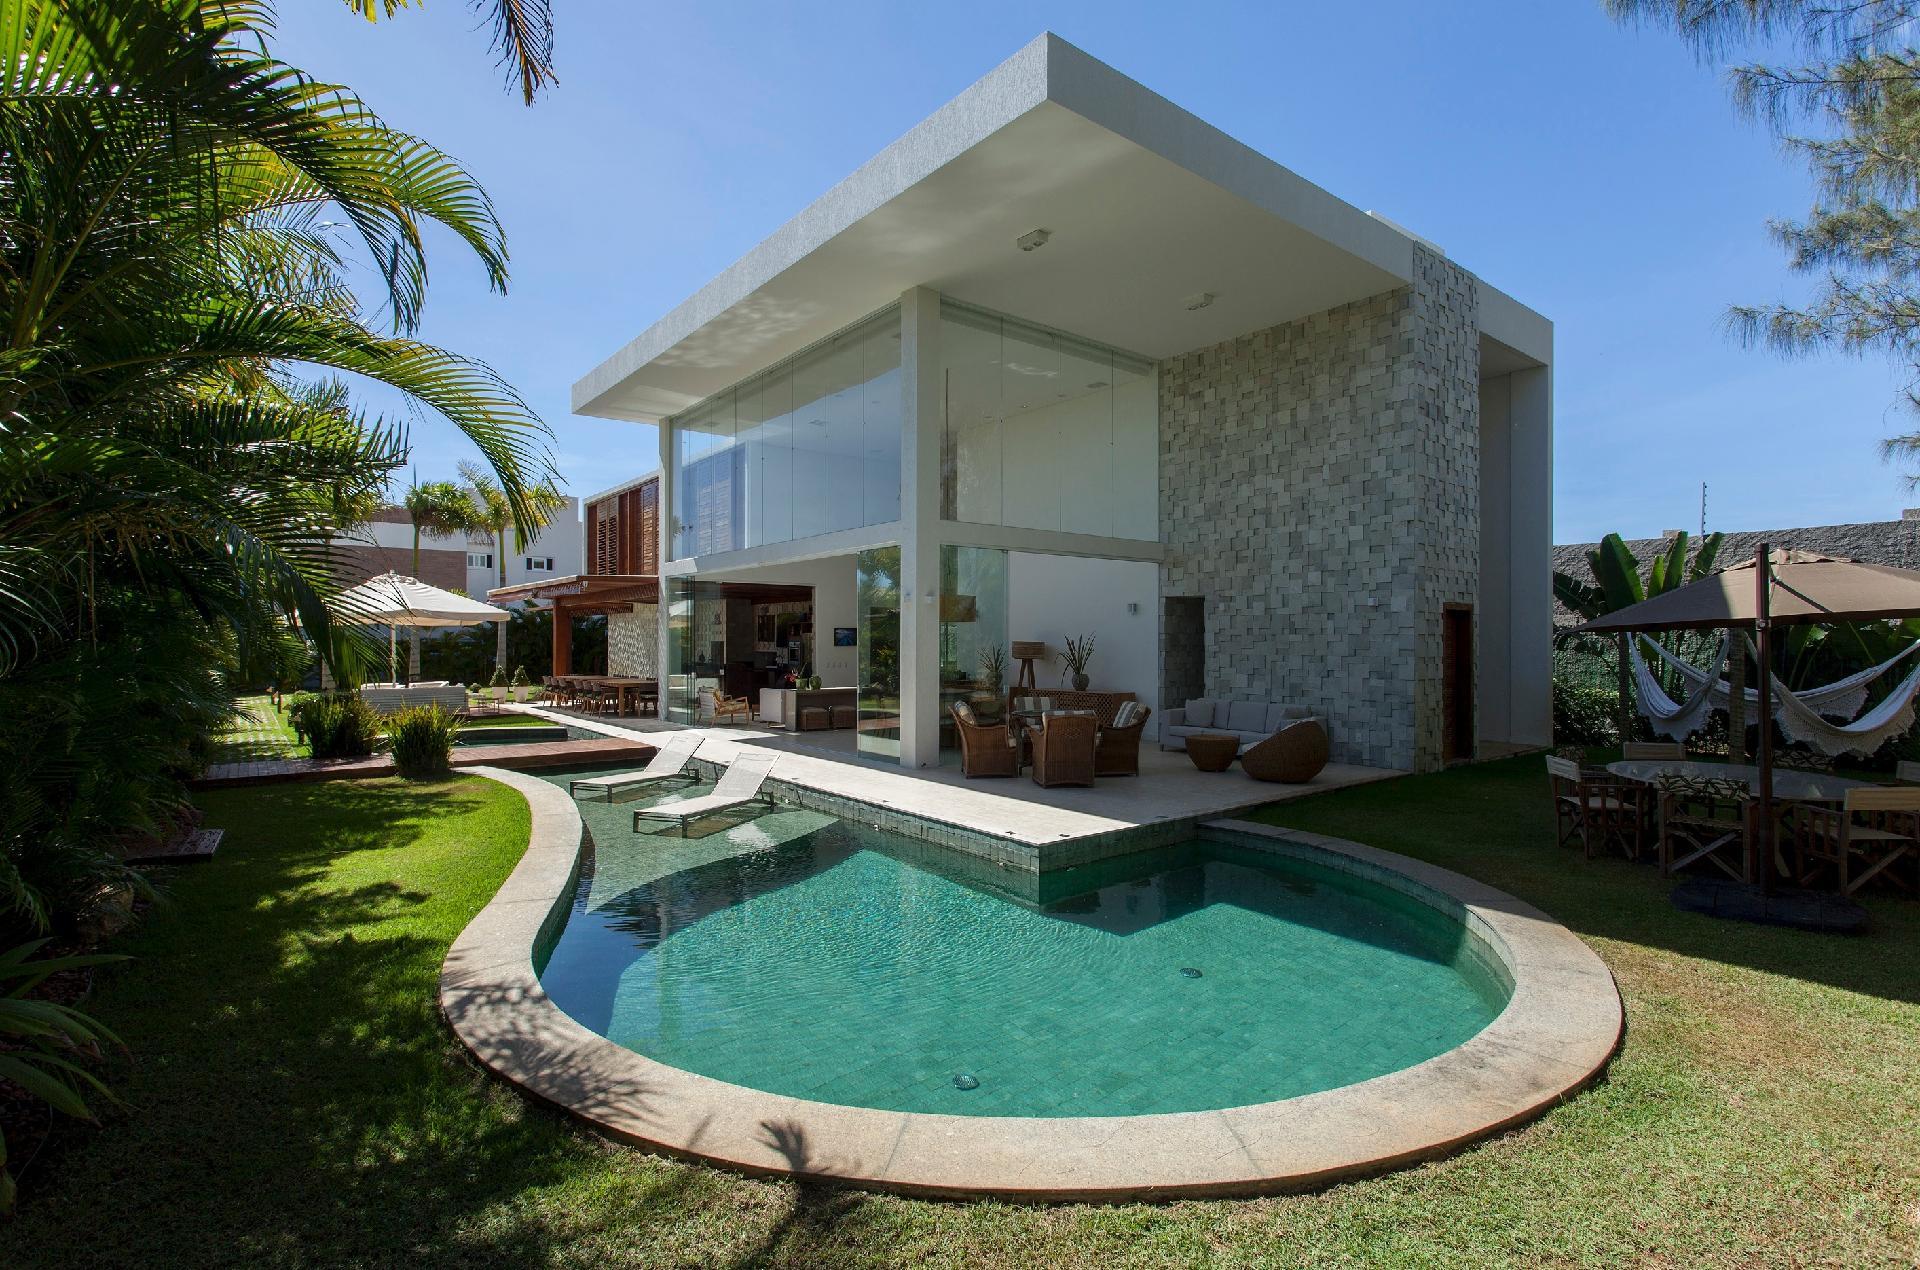 Desenho de piscinas desenho de piscinas jardim de for Piscinas para casas